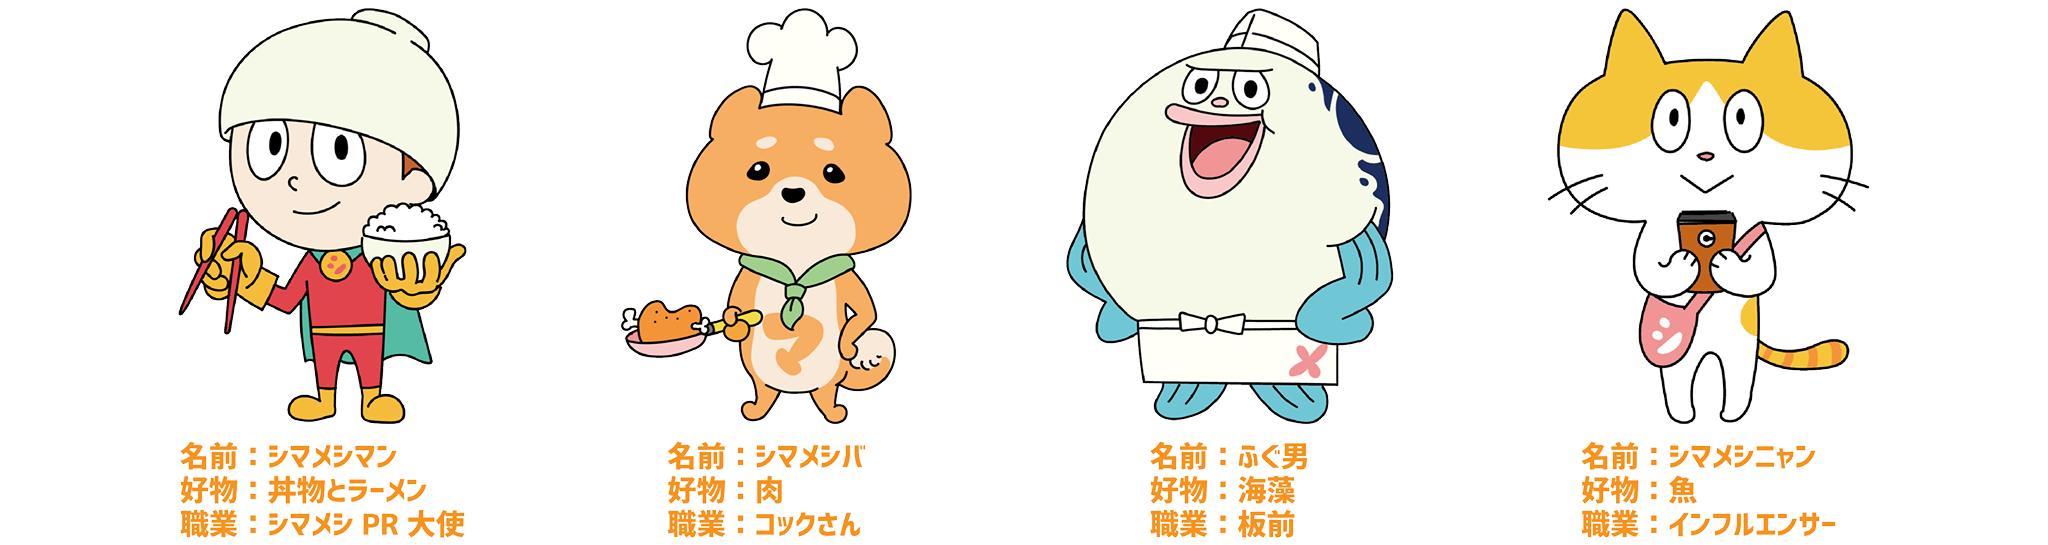 シマメシキャラクターの紹介